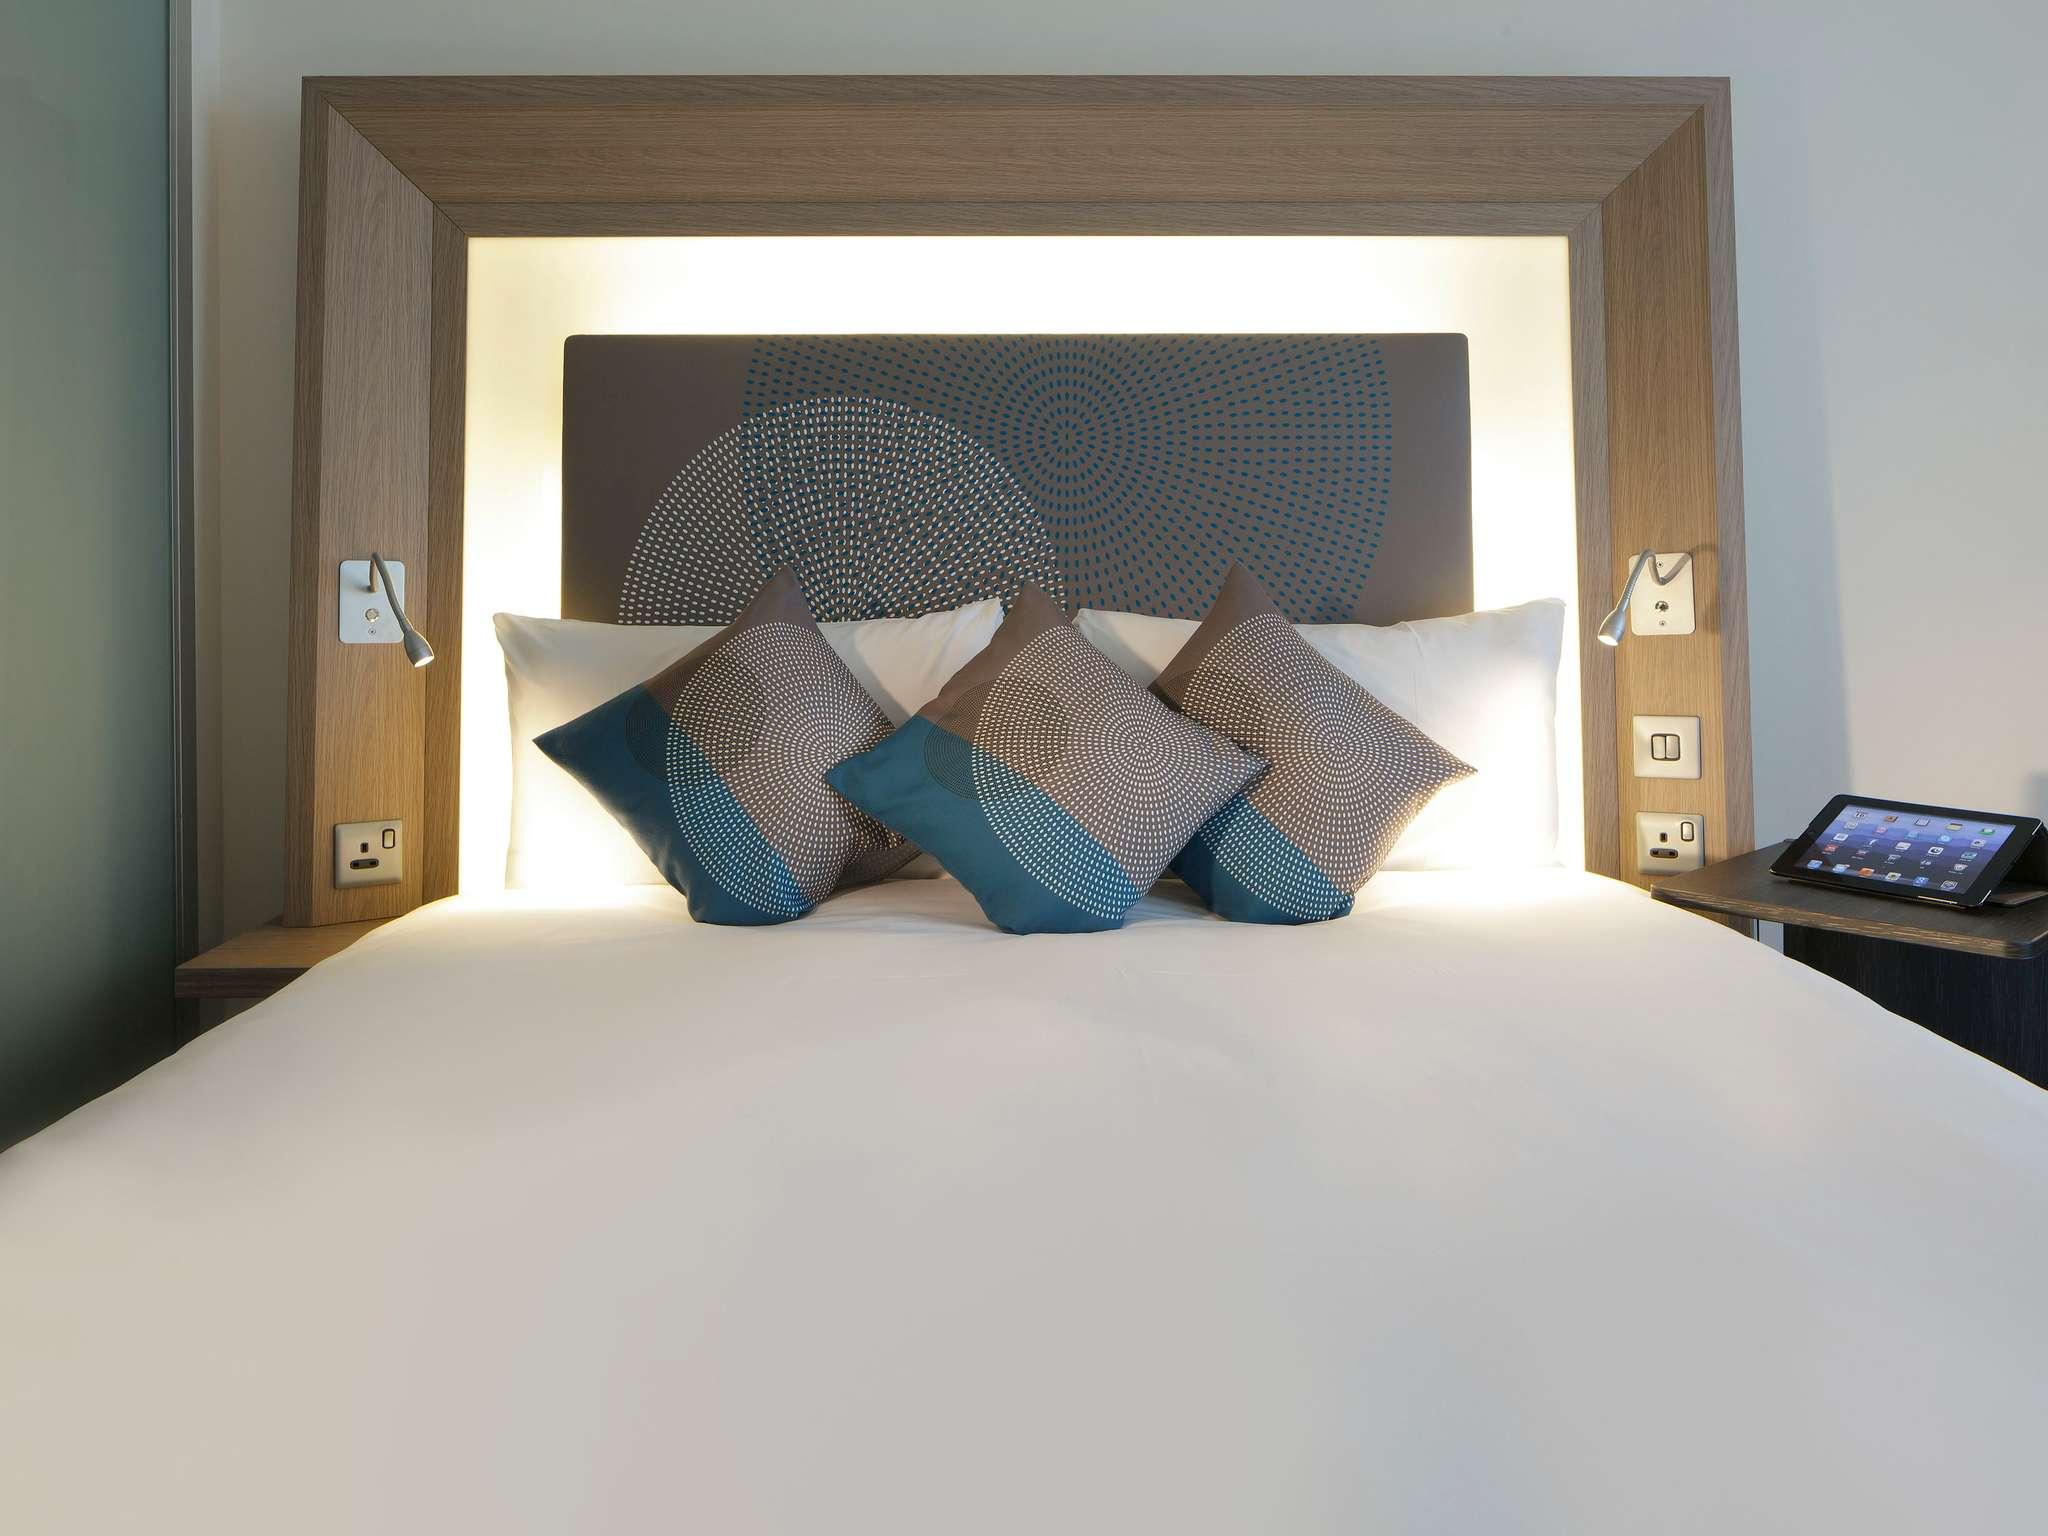 فندق - فندق نوفوتيل Novotel لندن برينتفورد